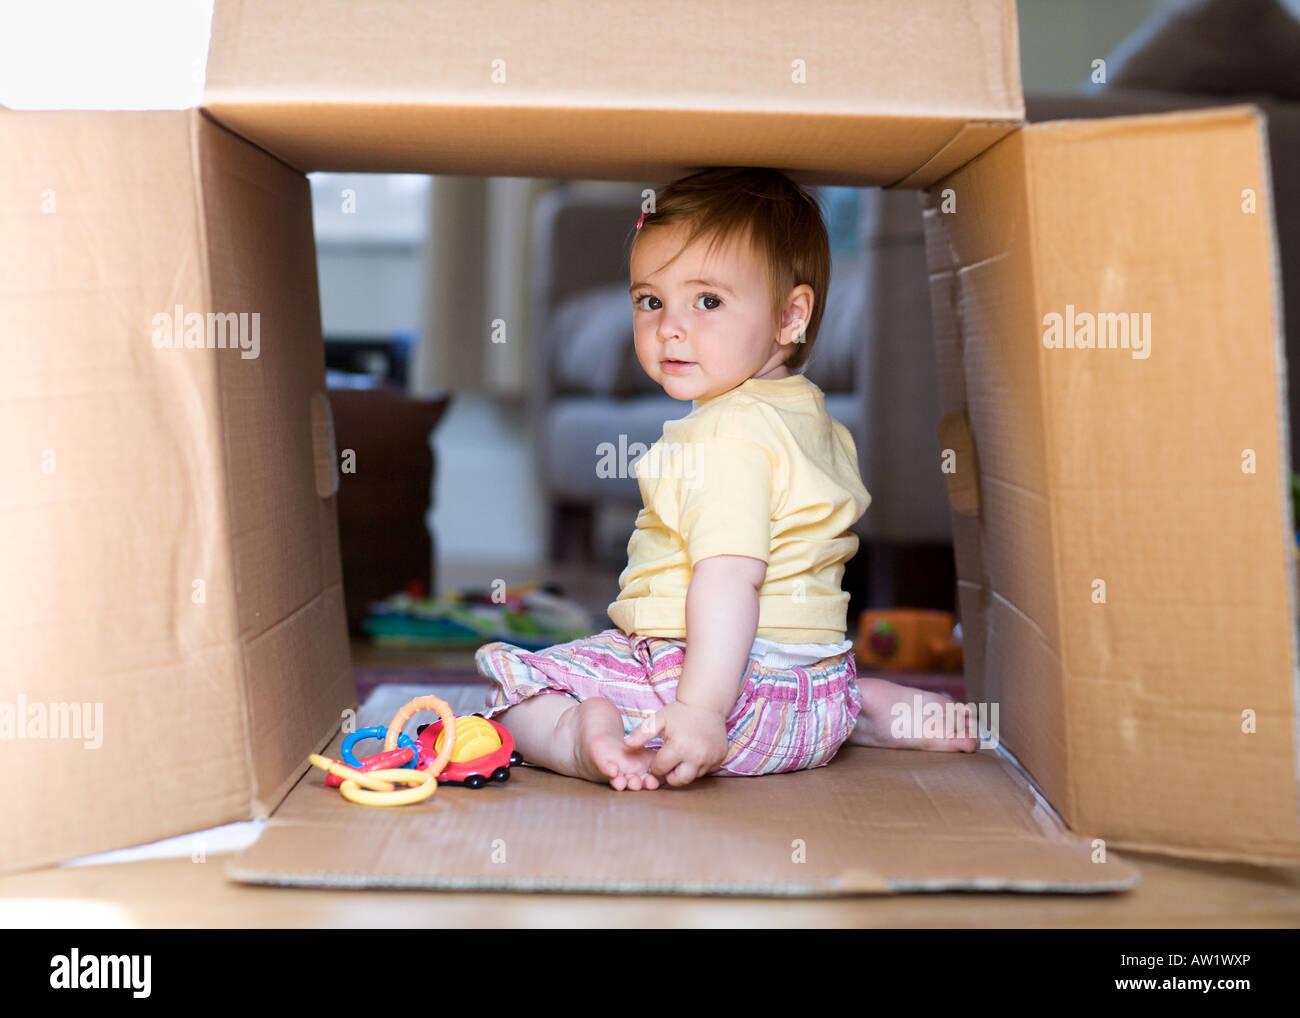 Bambino di undici mesi ragazza che gioca in una scatola di cartone Immagini Stock